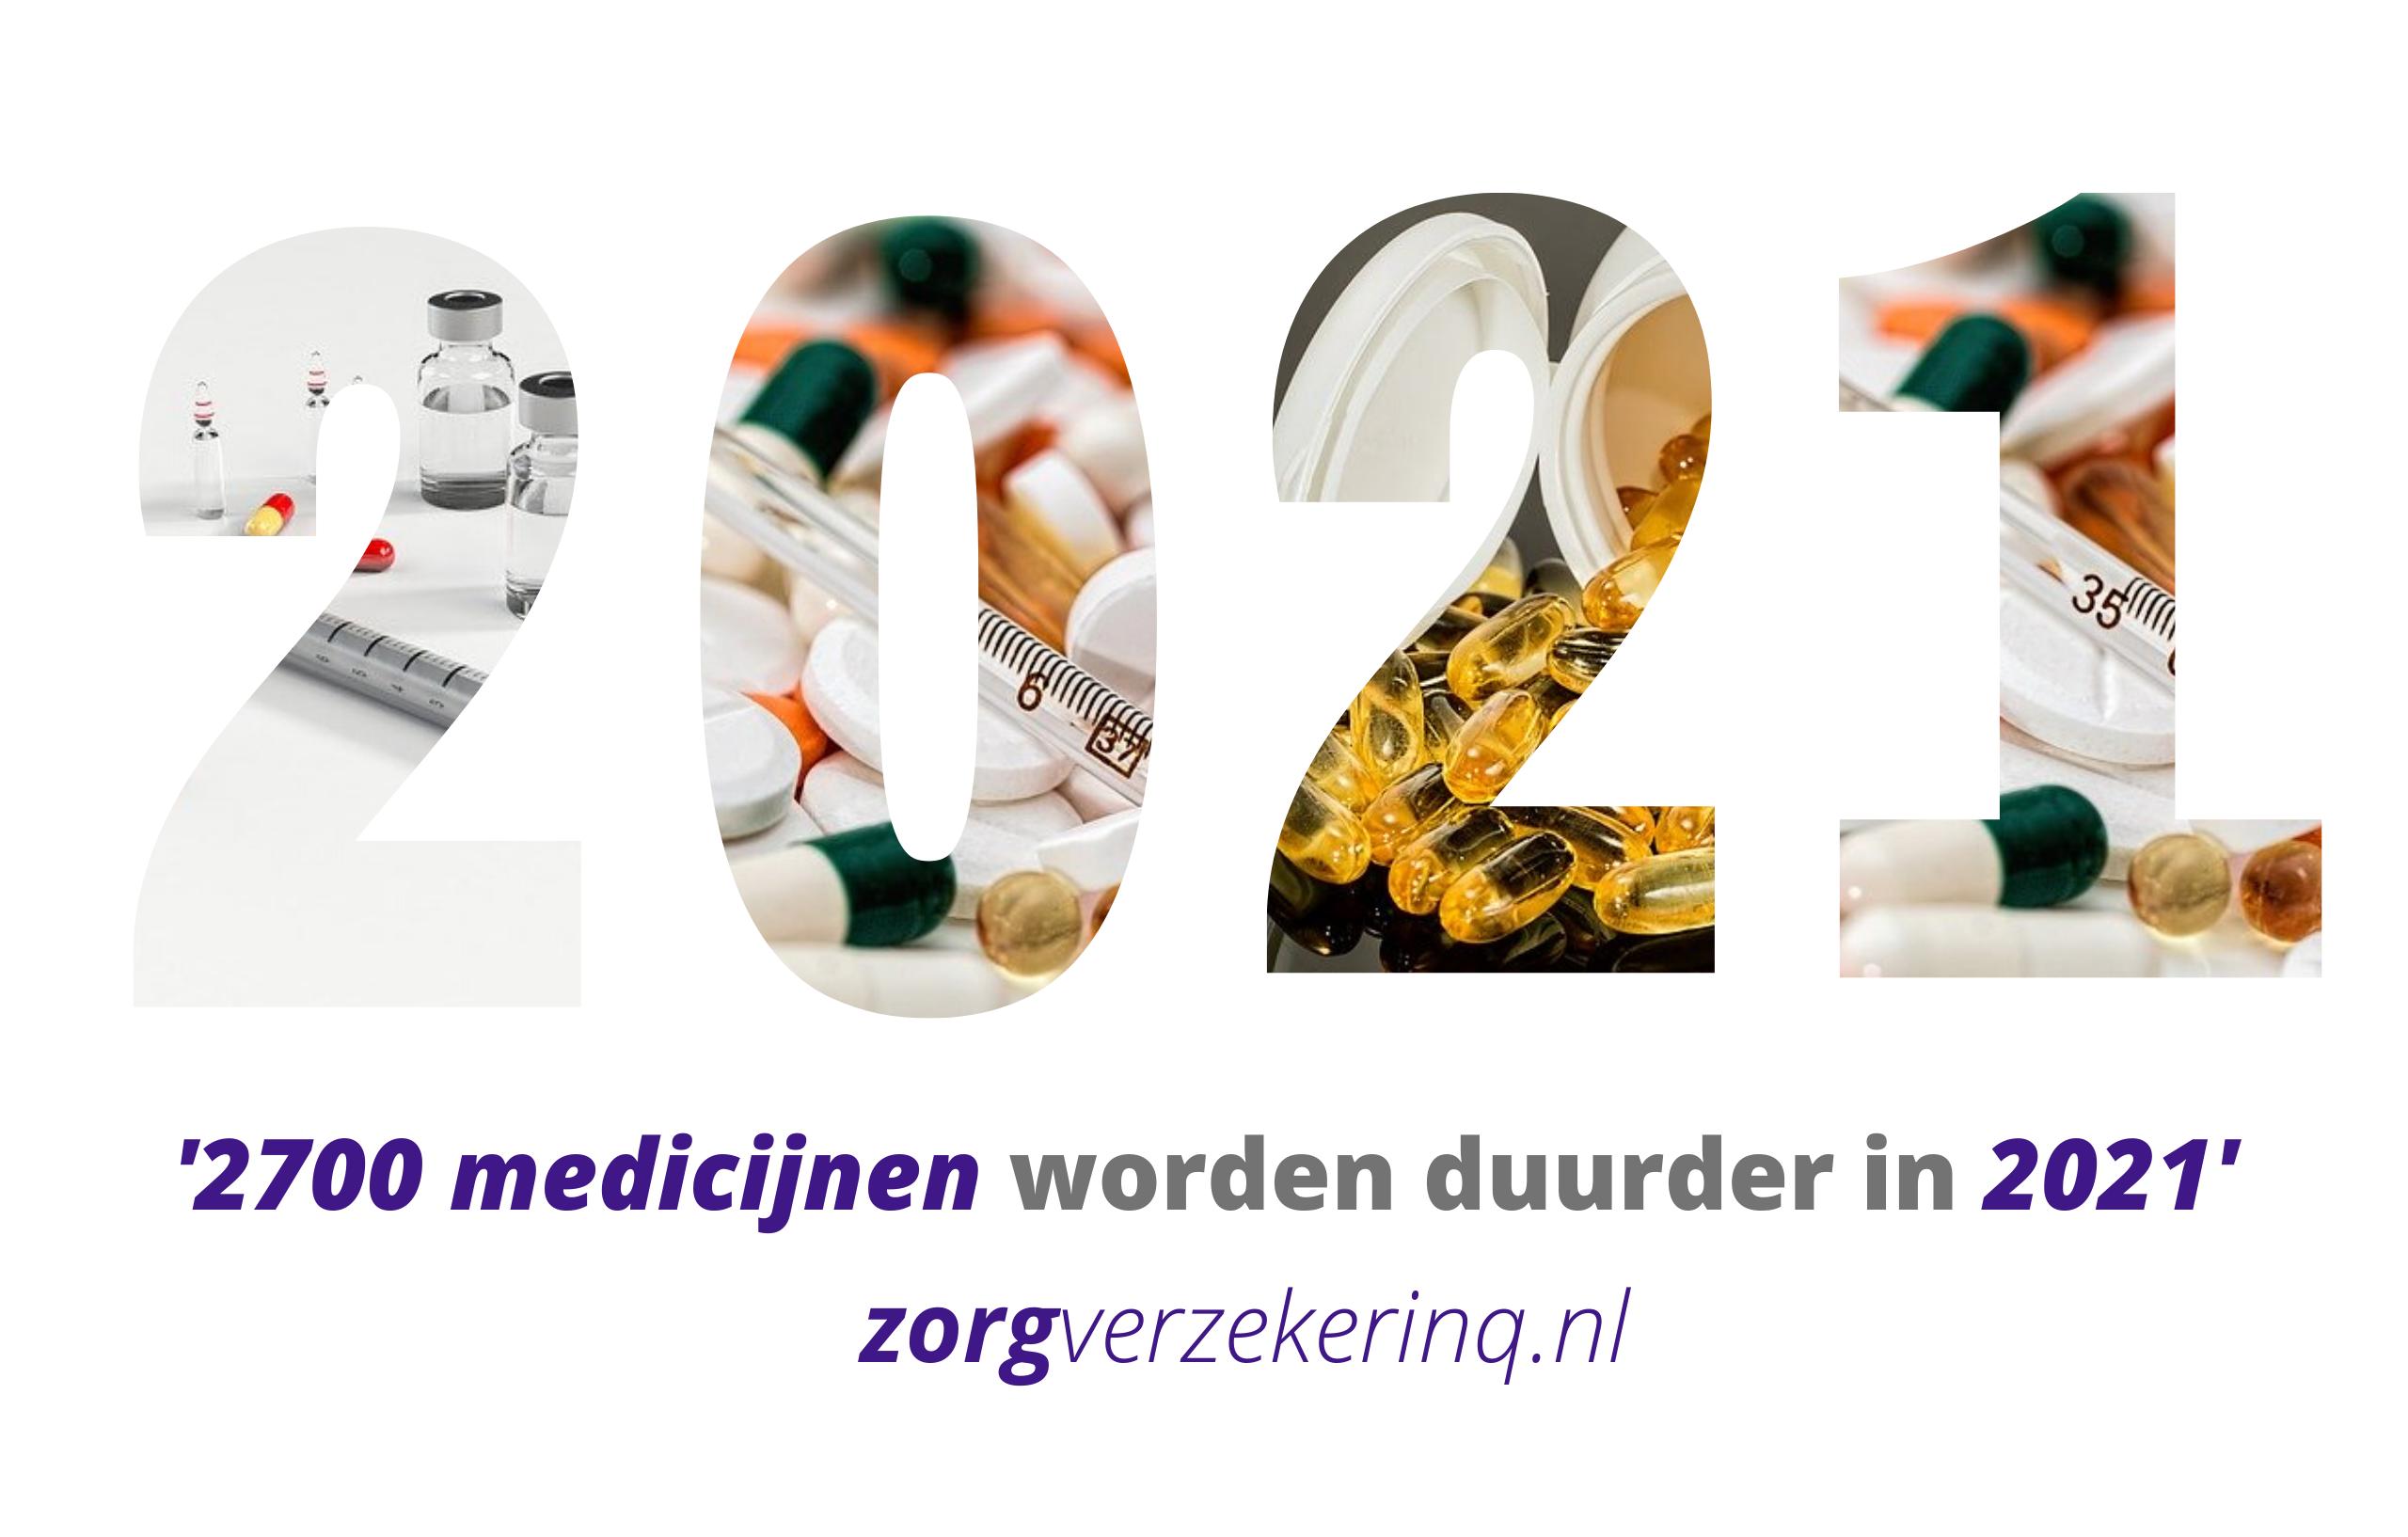 medicijnen-duurder-2021